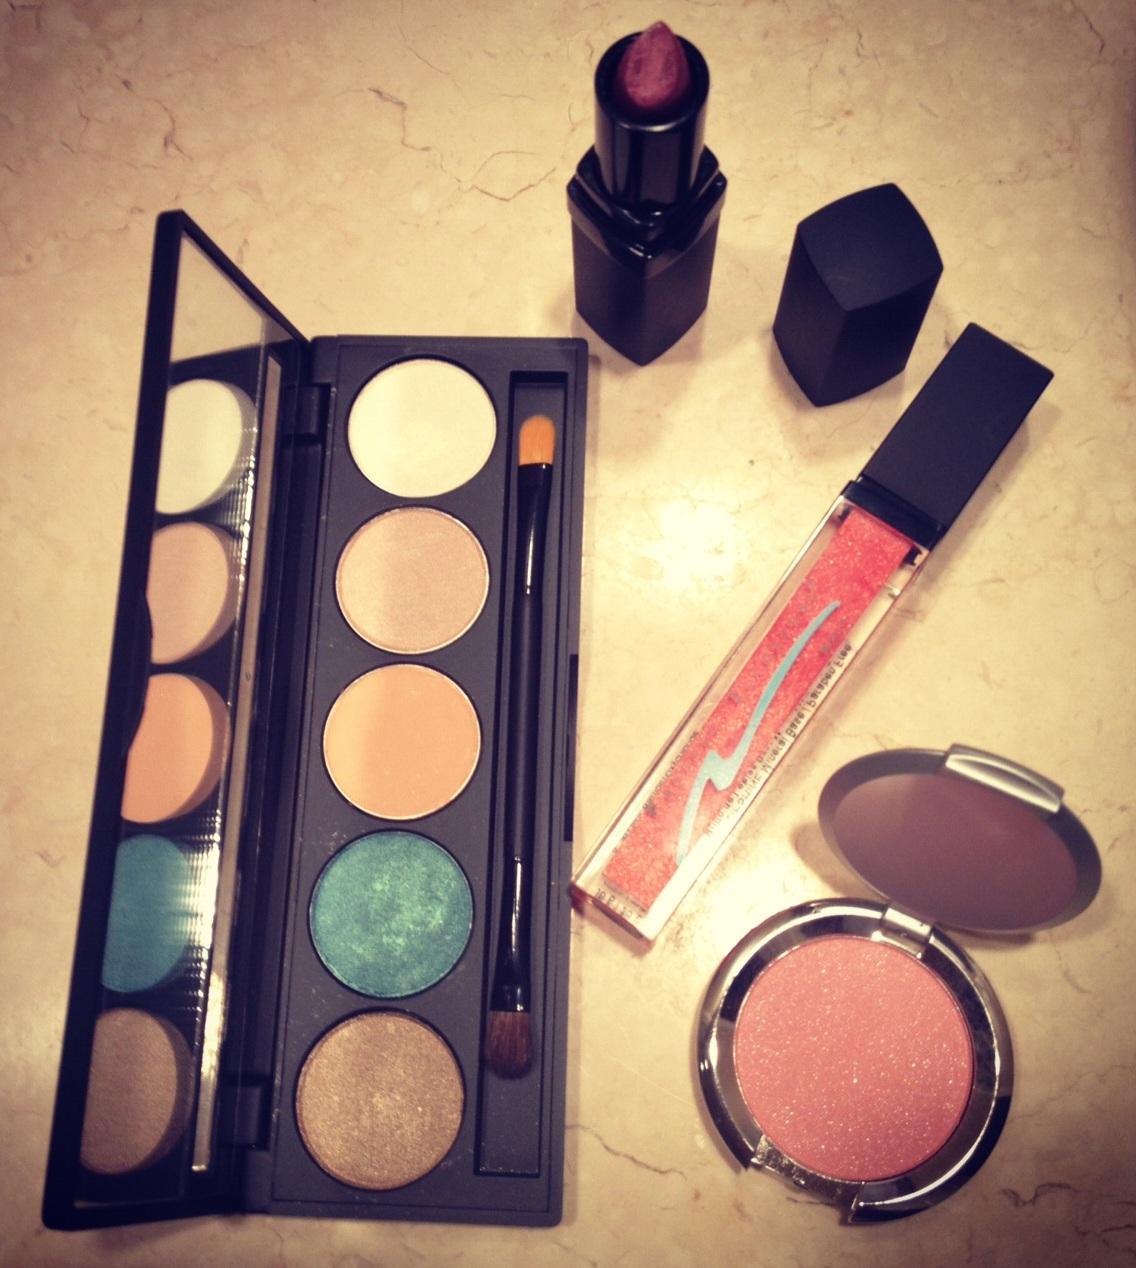 http://4.bp.blogspot.com/-hcJUVI_Hazo/UAOebF8DiSI/AAAAAAAAGa0/qjYFDBrZC0c/s1600/My+Pacific+Illusions+Beauty.jpg